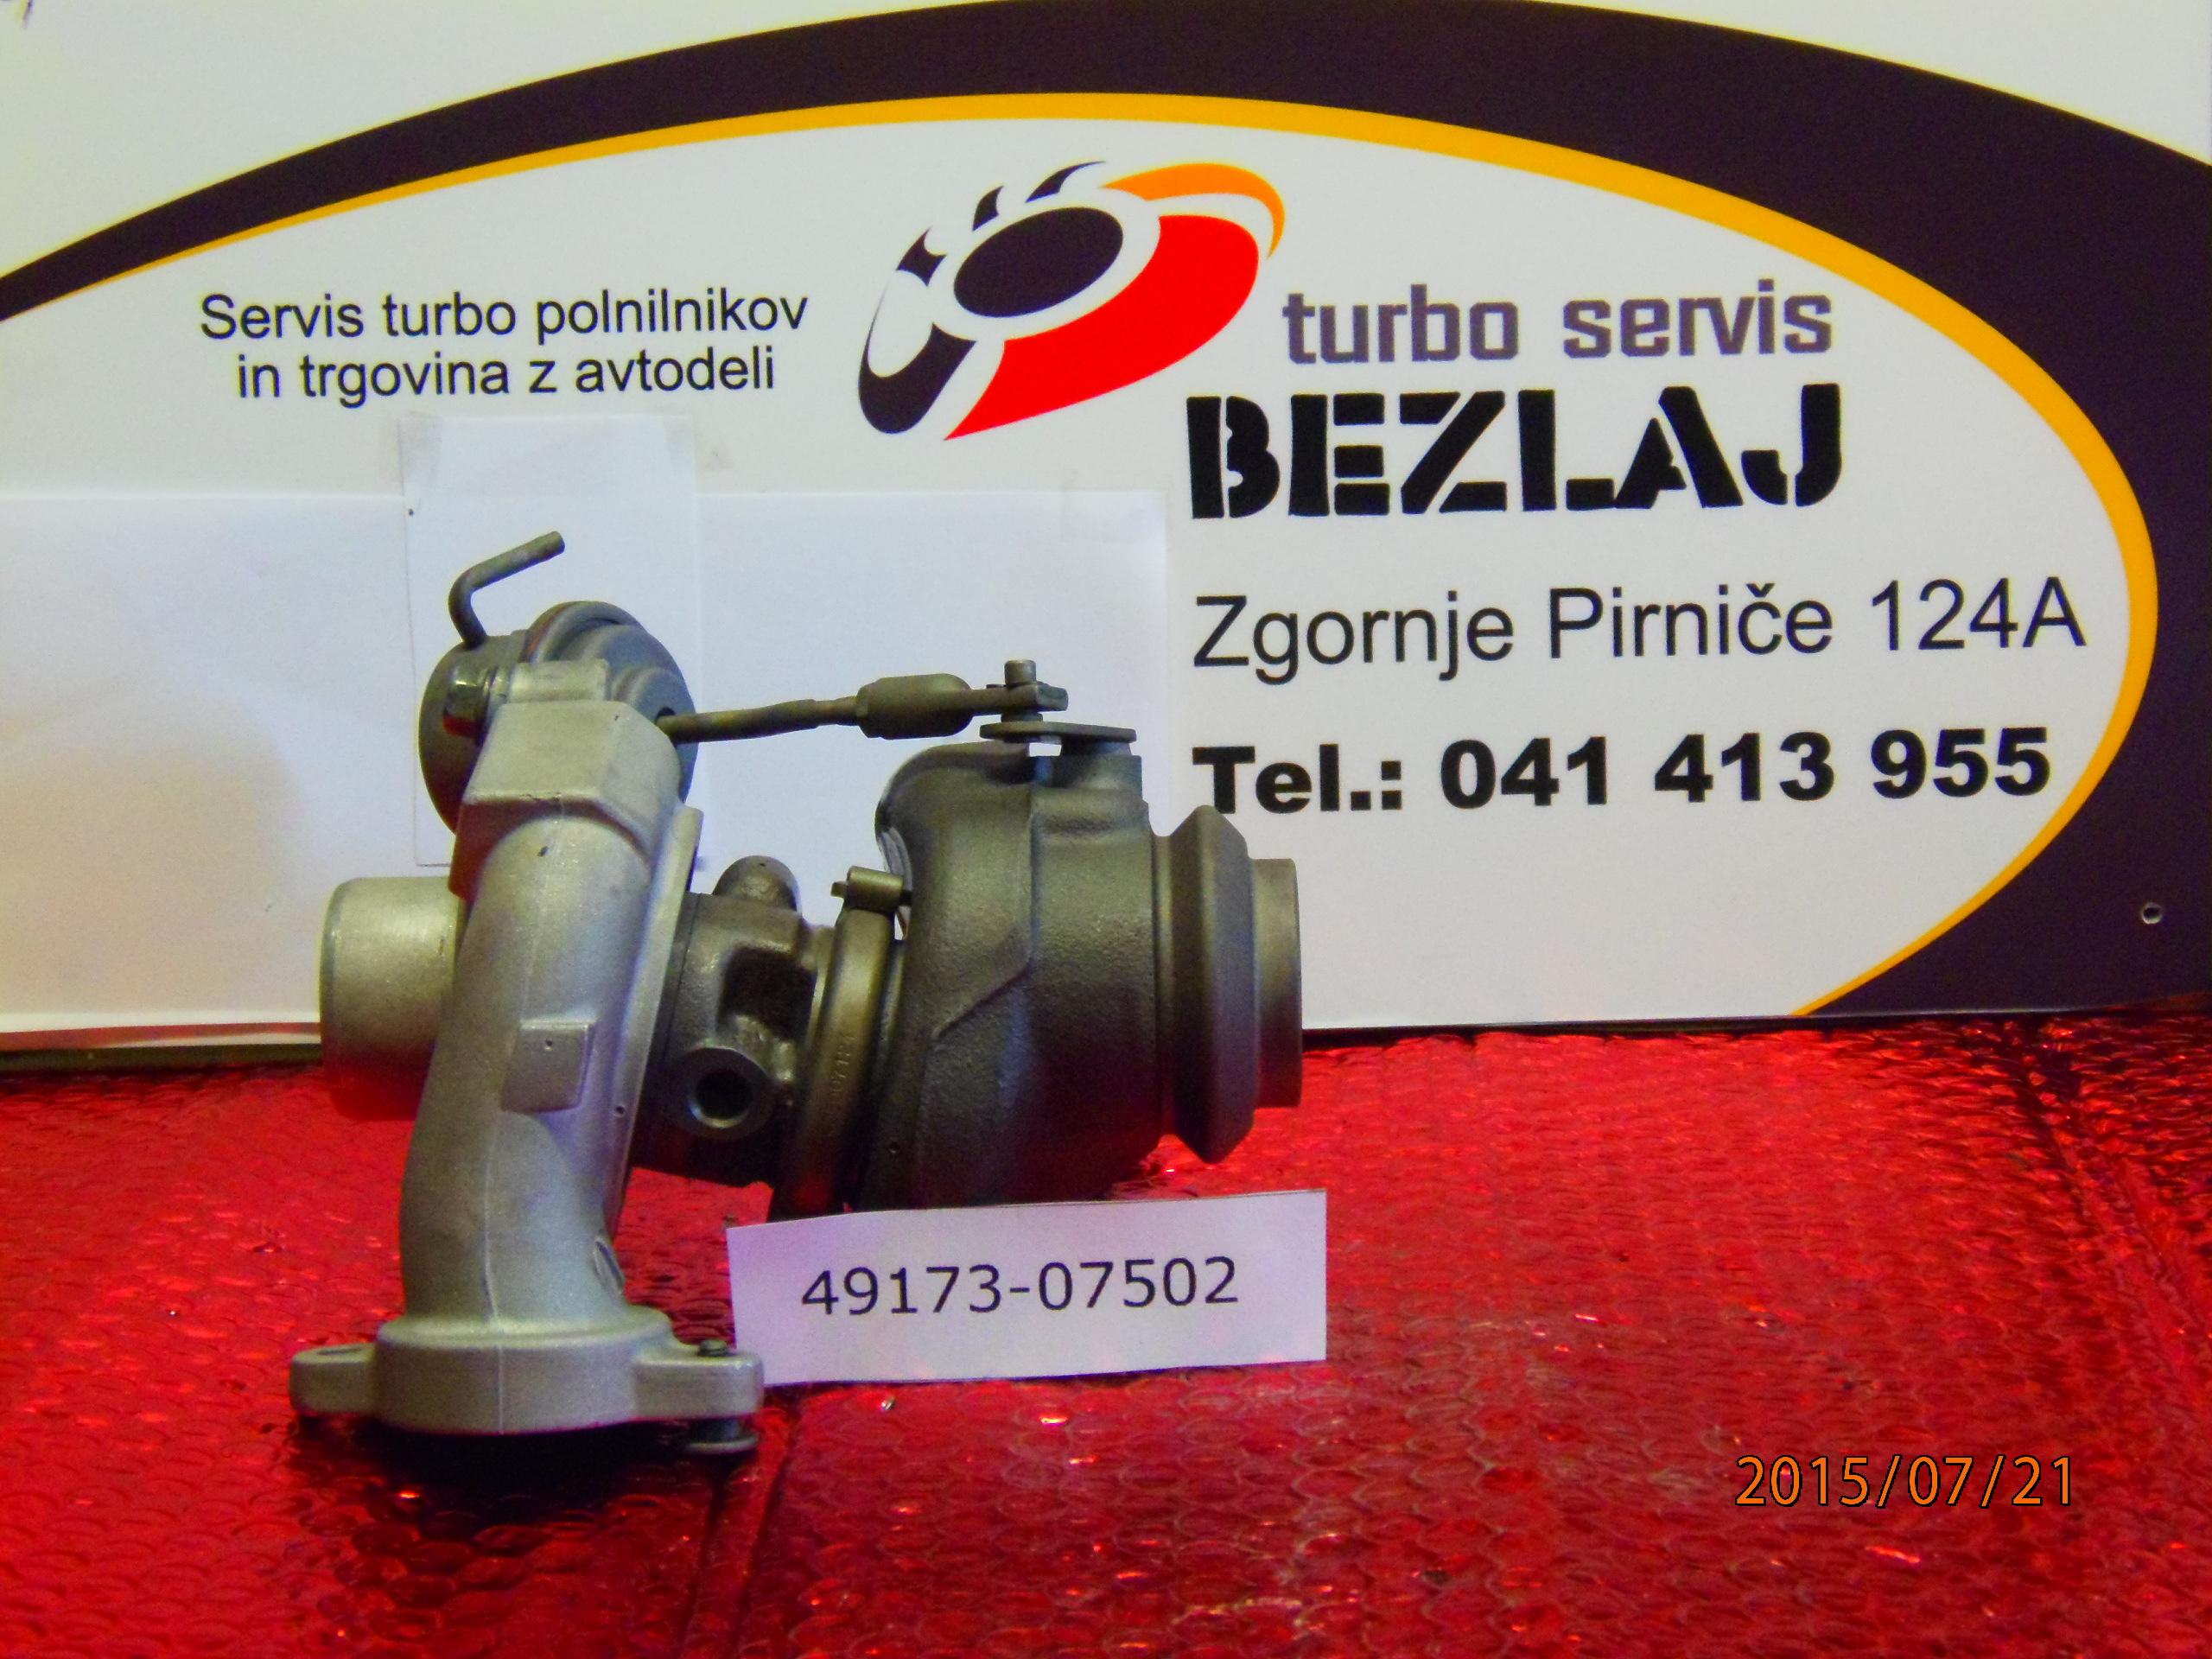 turbo49173-07502 (2)